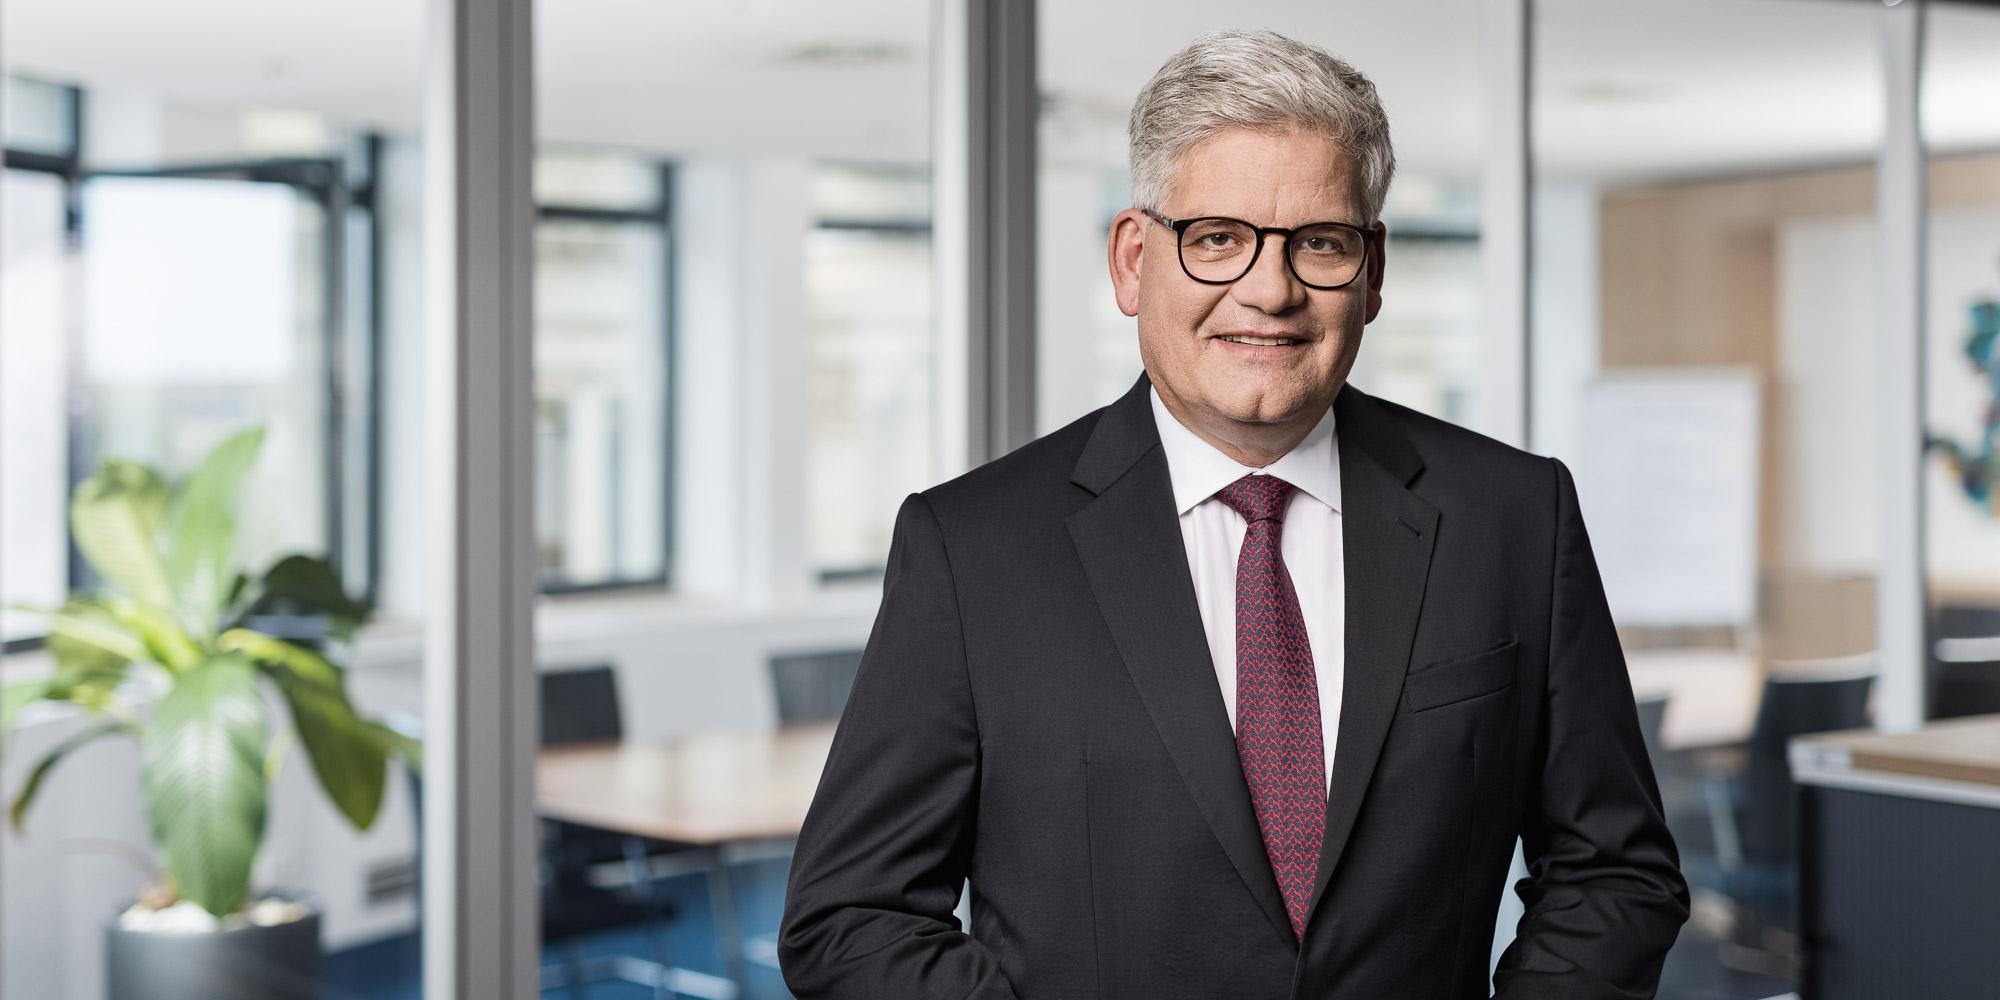 Portrait Dr nikolaus petersen anwalt leipzig fachanwalt bankrecht und finanzierungen gesellschaftsrecht stiftungsrecht erbrecht steuerrecht.jpg